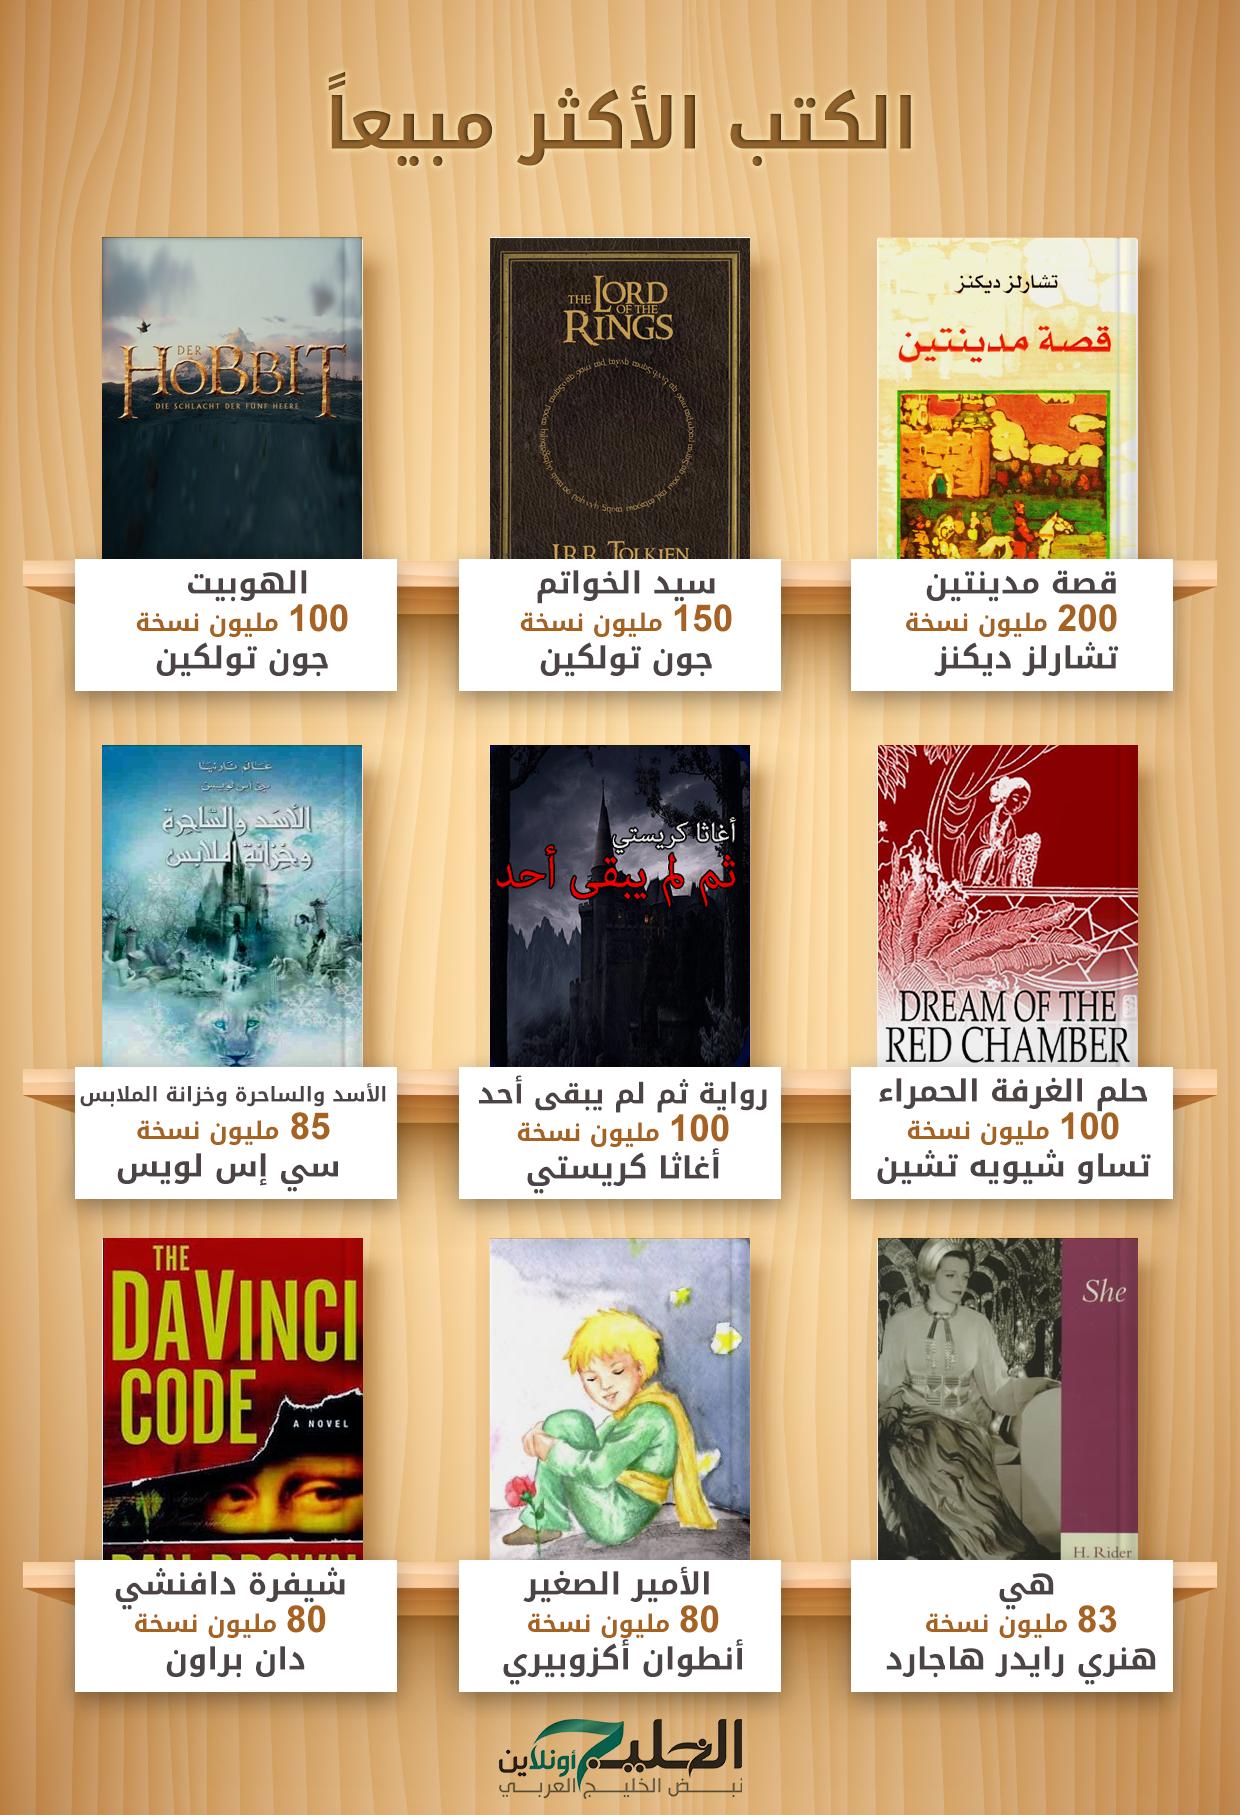 بالصور افضل الكتب العربية مبيعا , اكثر الكتب انتشارا 13787